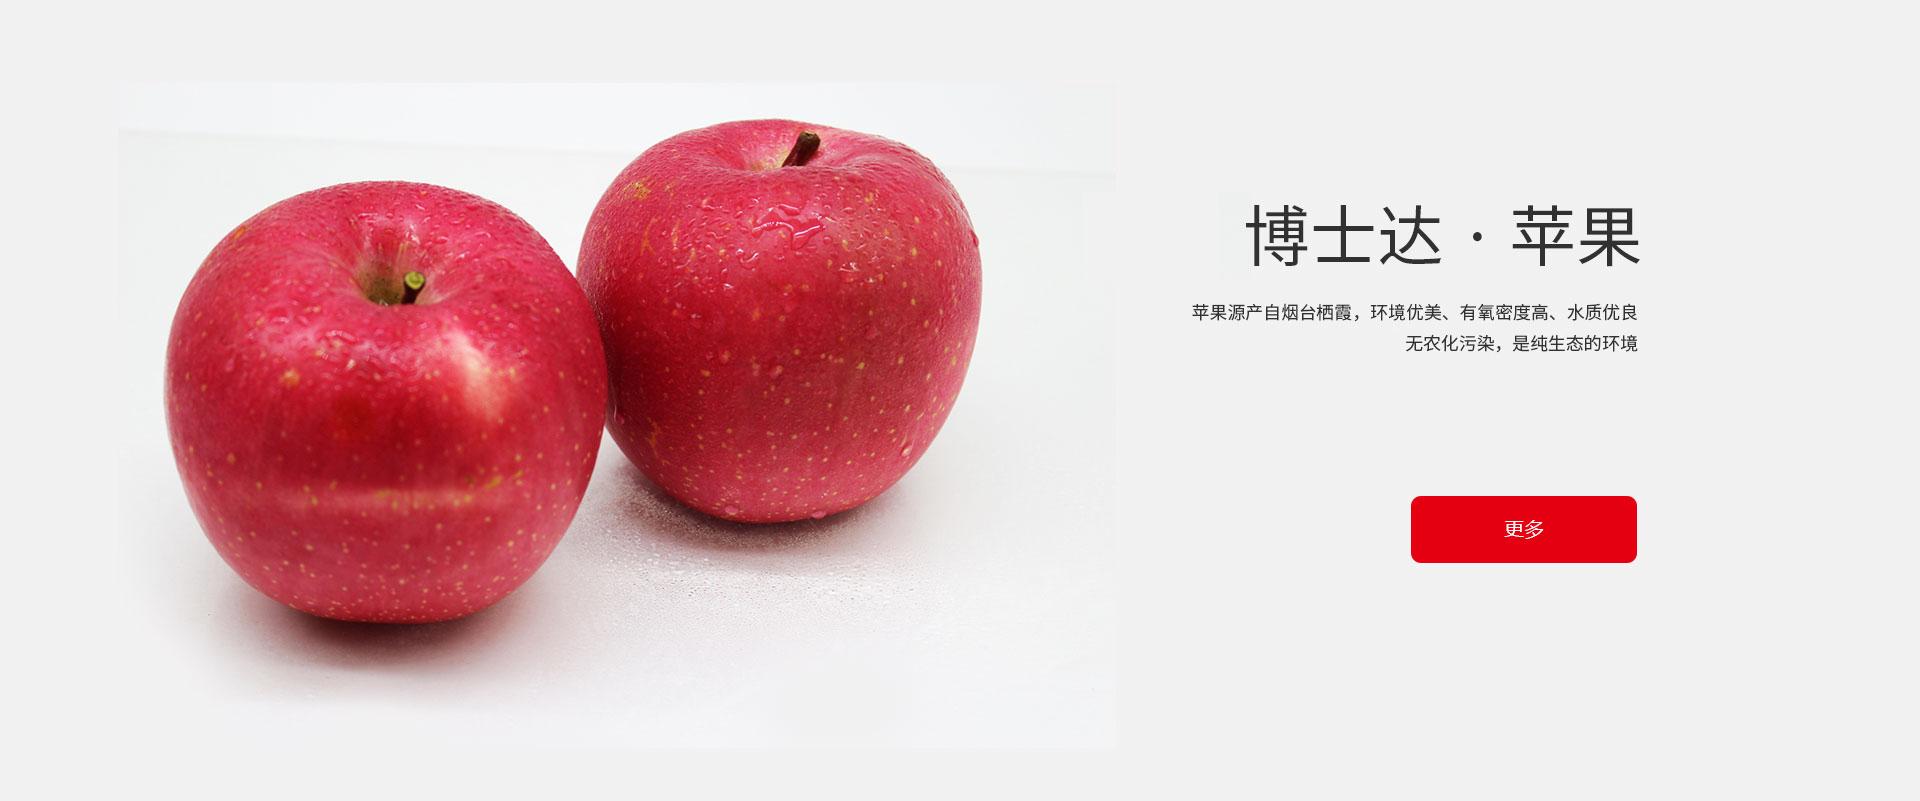 kok软件达有机苹果